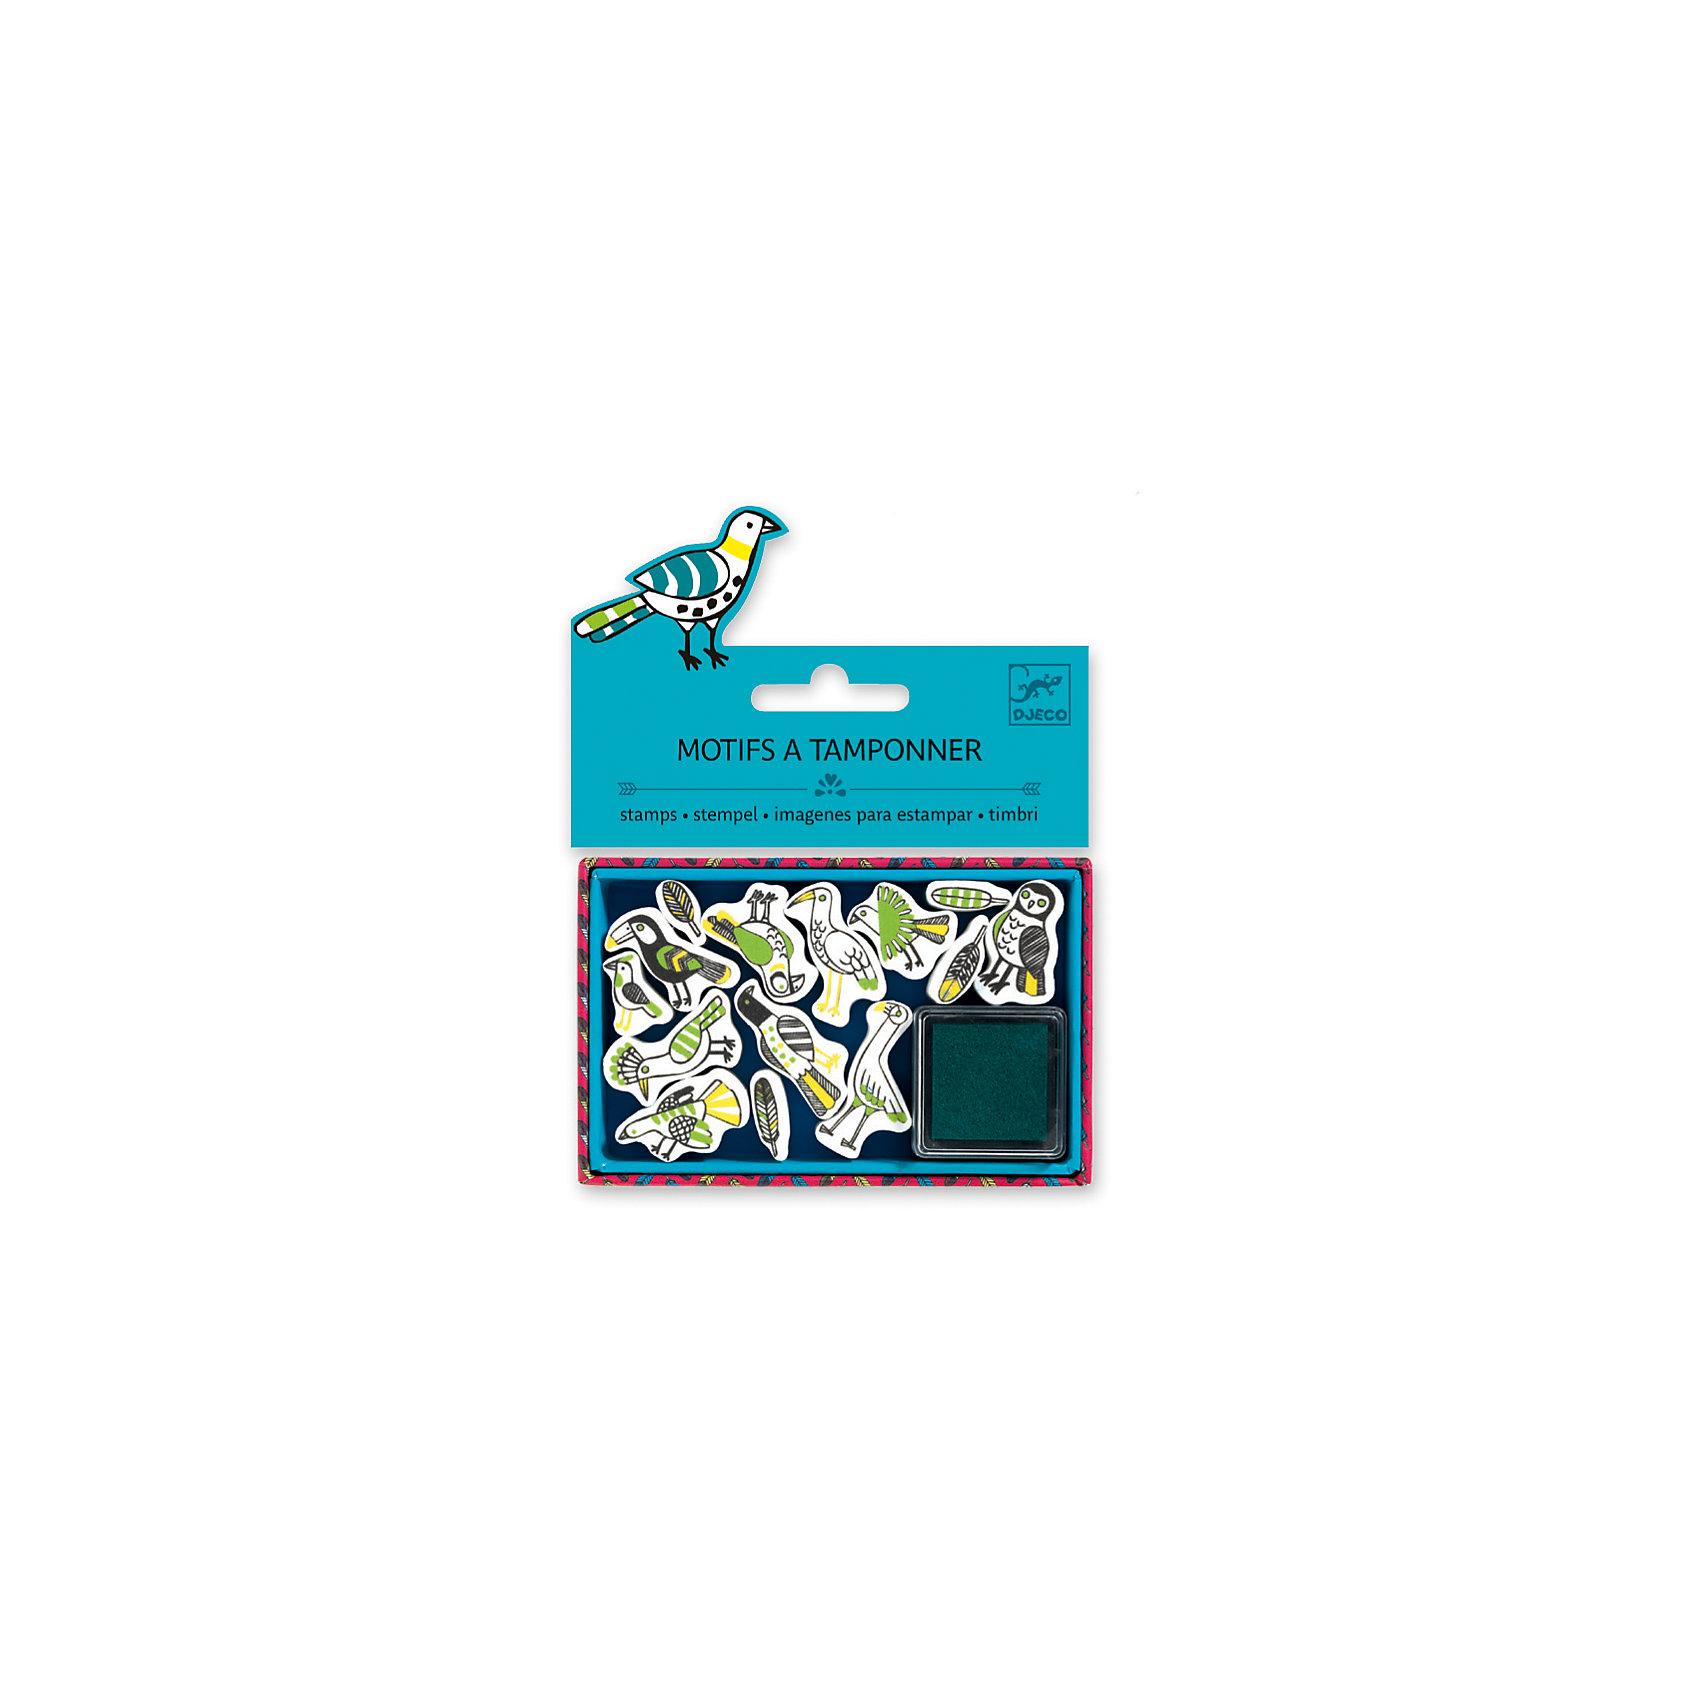 Набор штампов Птицы, DJECOРисование<br>Характеристики набора штампов Птицы:<br><br>• возраст: от 6 лет<br>• пол: универсальный<br>• комплект: 13 штампов, 1 подушечка с краской.<br>• состав: картон, пластик, текстиль, краситель.<br>• размер упаковки: 21 х 23 х 2 см.<br>• упаковка: пакет с хедером.<br>• бренд: Djeco<br>• страна обладатель бренда: Франция.<br><br>Набор штампов Птицы предназначен для создания оригинальных художественных шедевров и для декора уже готовых картин. Набор содержит 13 штампов с изображением оригинальных птичек, которым ребенок сможет украсить свои рисунки. Также, штампы можно использовать для декора канцелярских принадлежностей: дневника, тетрадей, альбомов, блокнотов. Мягкая подушечка, пропитанная чернилами, входит в комплект.<br><br>Набор штампов Птицы от торговой марки Djeco (Джеко) можно купить в нашем интернет-магазине.<br><br>Ширина мм: 110<br>Глубина мм: 15<br>Высота мм: 20<br>Вес г: 60<br>Возраст от месяцев: 36<br>Возраст до месяцев: 2147483647<br>Пол: Унисекс<br>Возраст: Детский<br>SKU: 5448846